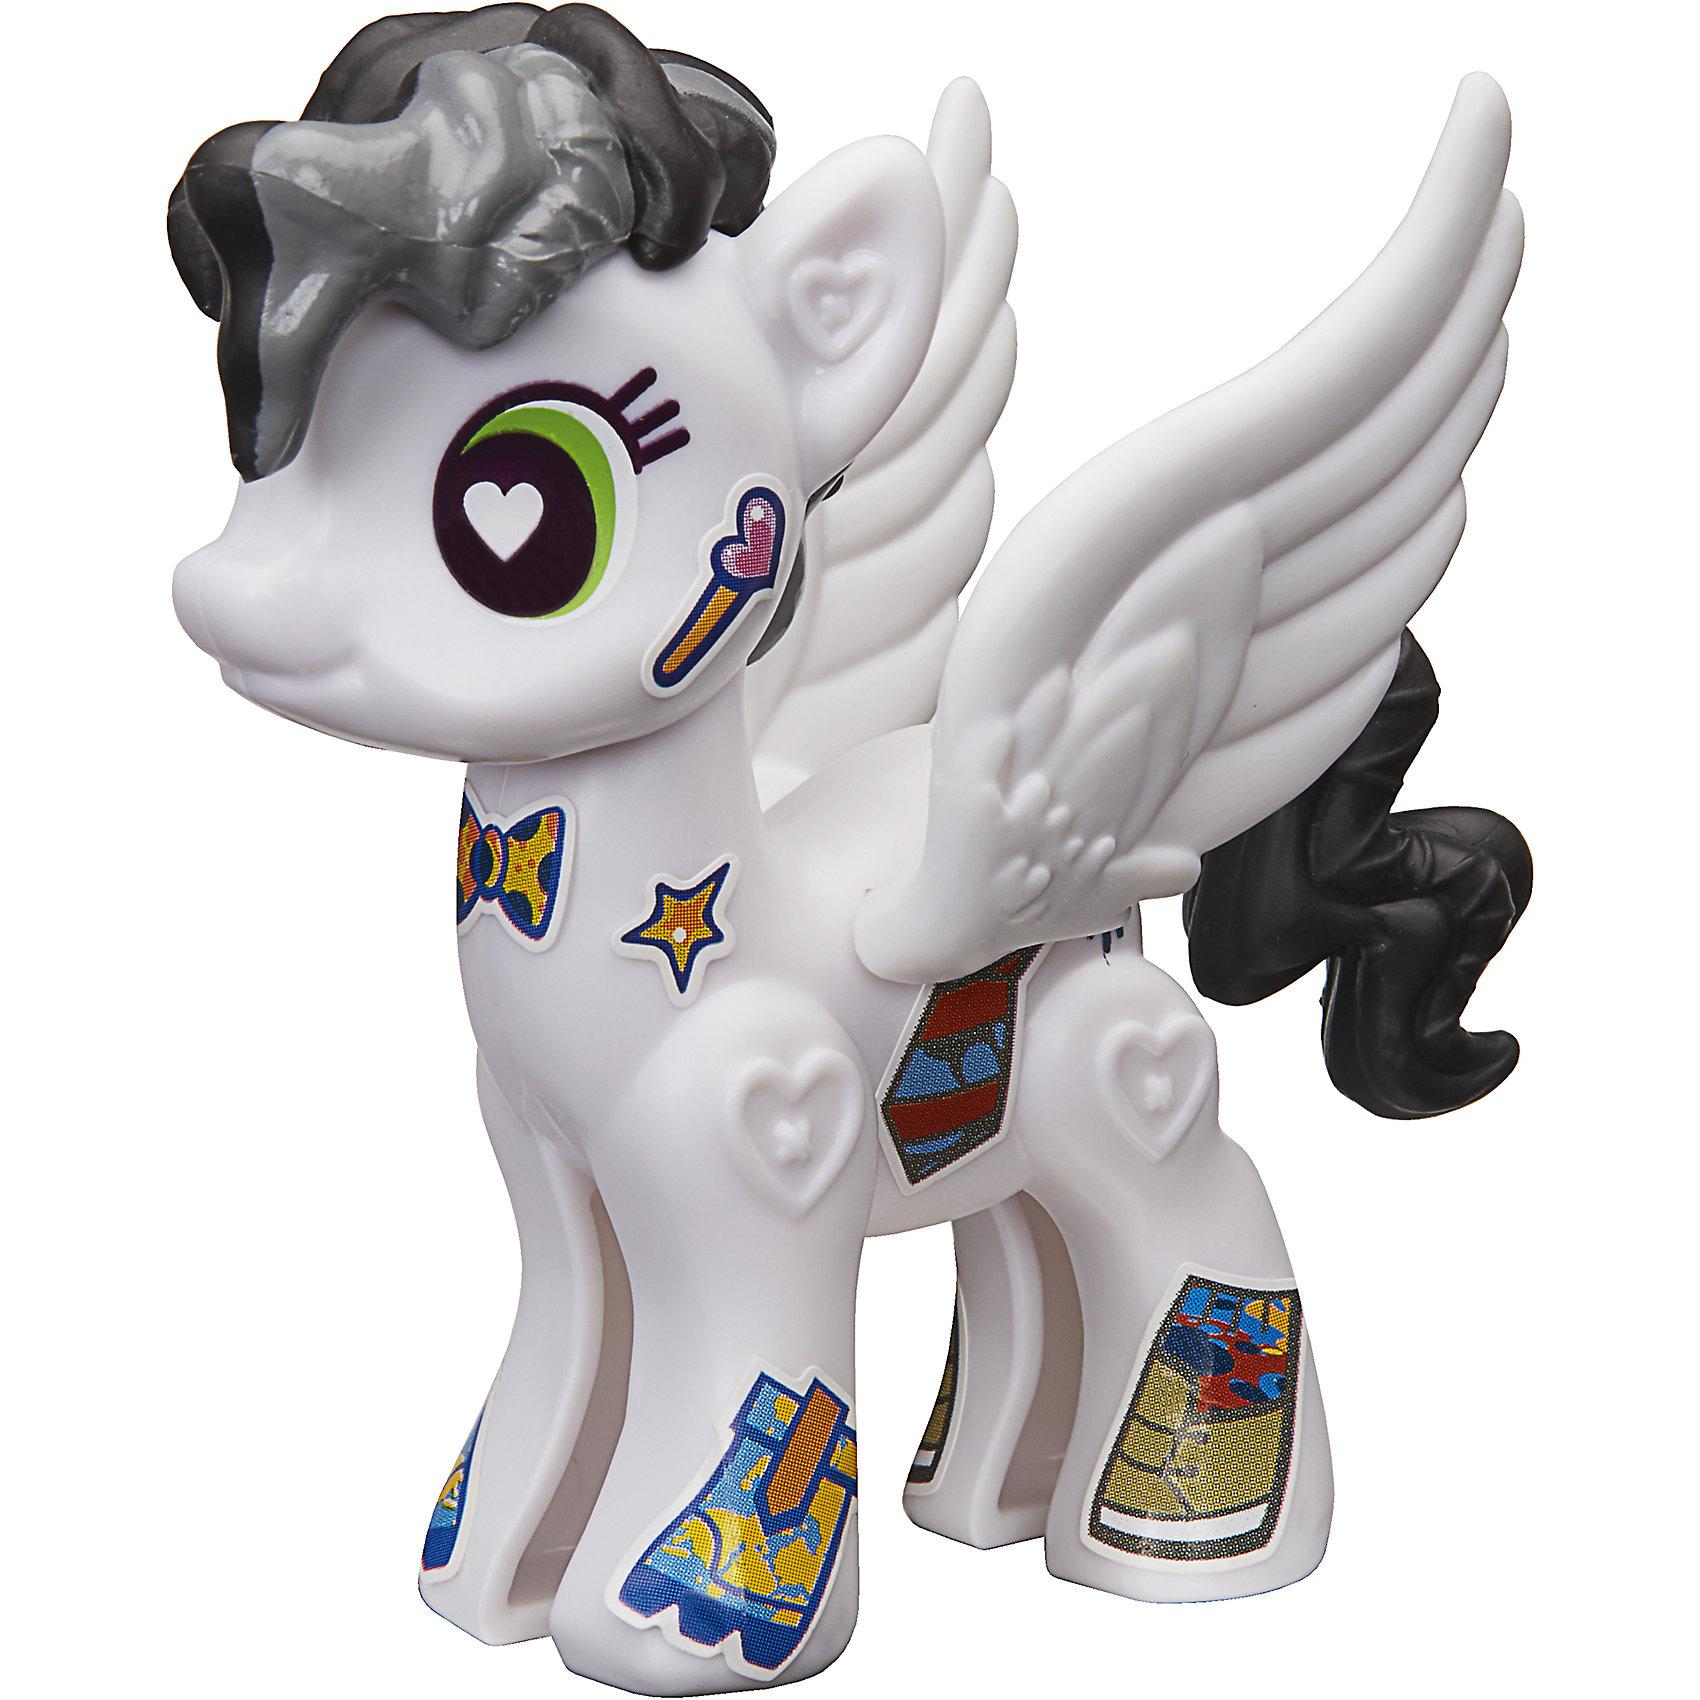 Игровой набор Hasbro My little Pony Создай свою пони, Старри АйсЛюбимые герои<br>Характеристики товара:<br><br>• возраст: от 4 лет;<br>• материал: пластик;<br>• в комплекте: фигурка пони, аксессуары;<br>• размер упаковки: 20,5х14,9х16,2 см;<br>• вес упаковки: 65 гр.;<br>• страна производитель: Китай.<br><br>Игровой набор «Создай свою пони» My Little Pony создан по мотивам известного мультсериала. В наборе фигурка пони и аксессуары для придания пони стильного образа. Наклейками можно украсить пони, проявив фантазию. <br><br>Игровой набор «Создай свою пони» My Little Pony Hasbro B3592/B5106можно приобрести в нашем интернет-магазине.<br><br>Ширина мм: 205<br>Глубина мм: 162<br>Высота мм: 149<br>Вес г: 65<br>Возраст от месяцев: 48<br>Возраст до месяцев: 2147483647<br>Пол: Женский<br>Возраст: Детский<br>SKU: 6674418